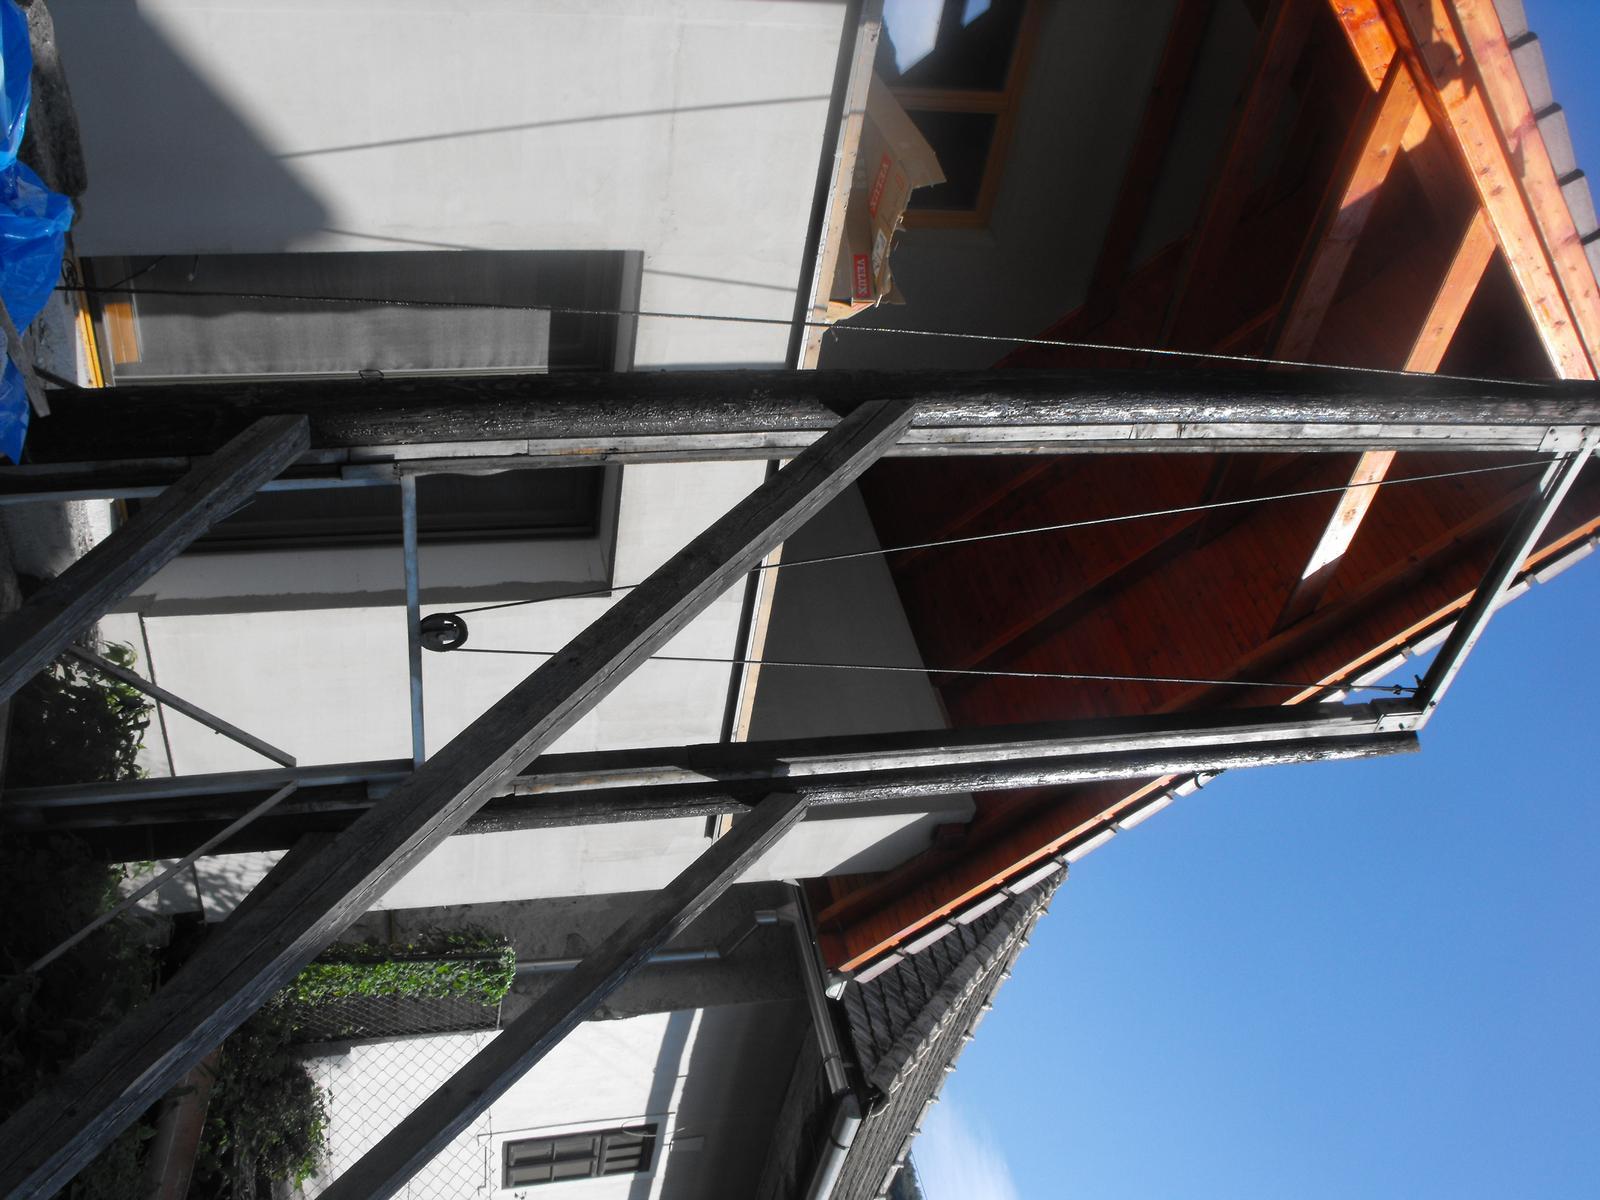 Stavebný výtah - Obrázok č. 1